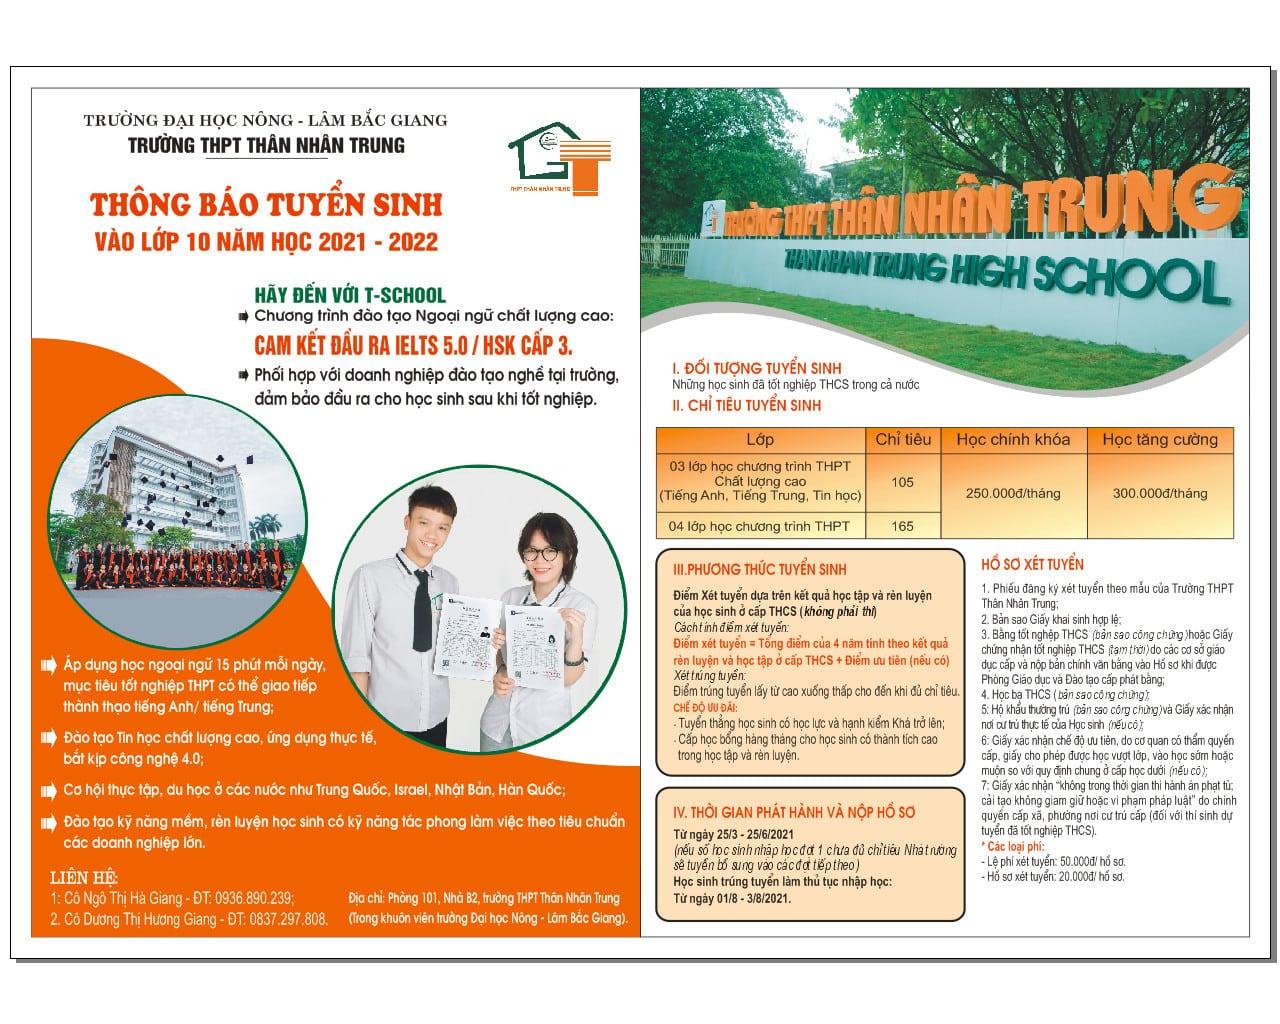 Trường THPT Thân Nhân Trung thông báo tuyển sinh vào lớp 10 năm học 2021 – 2022